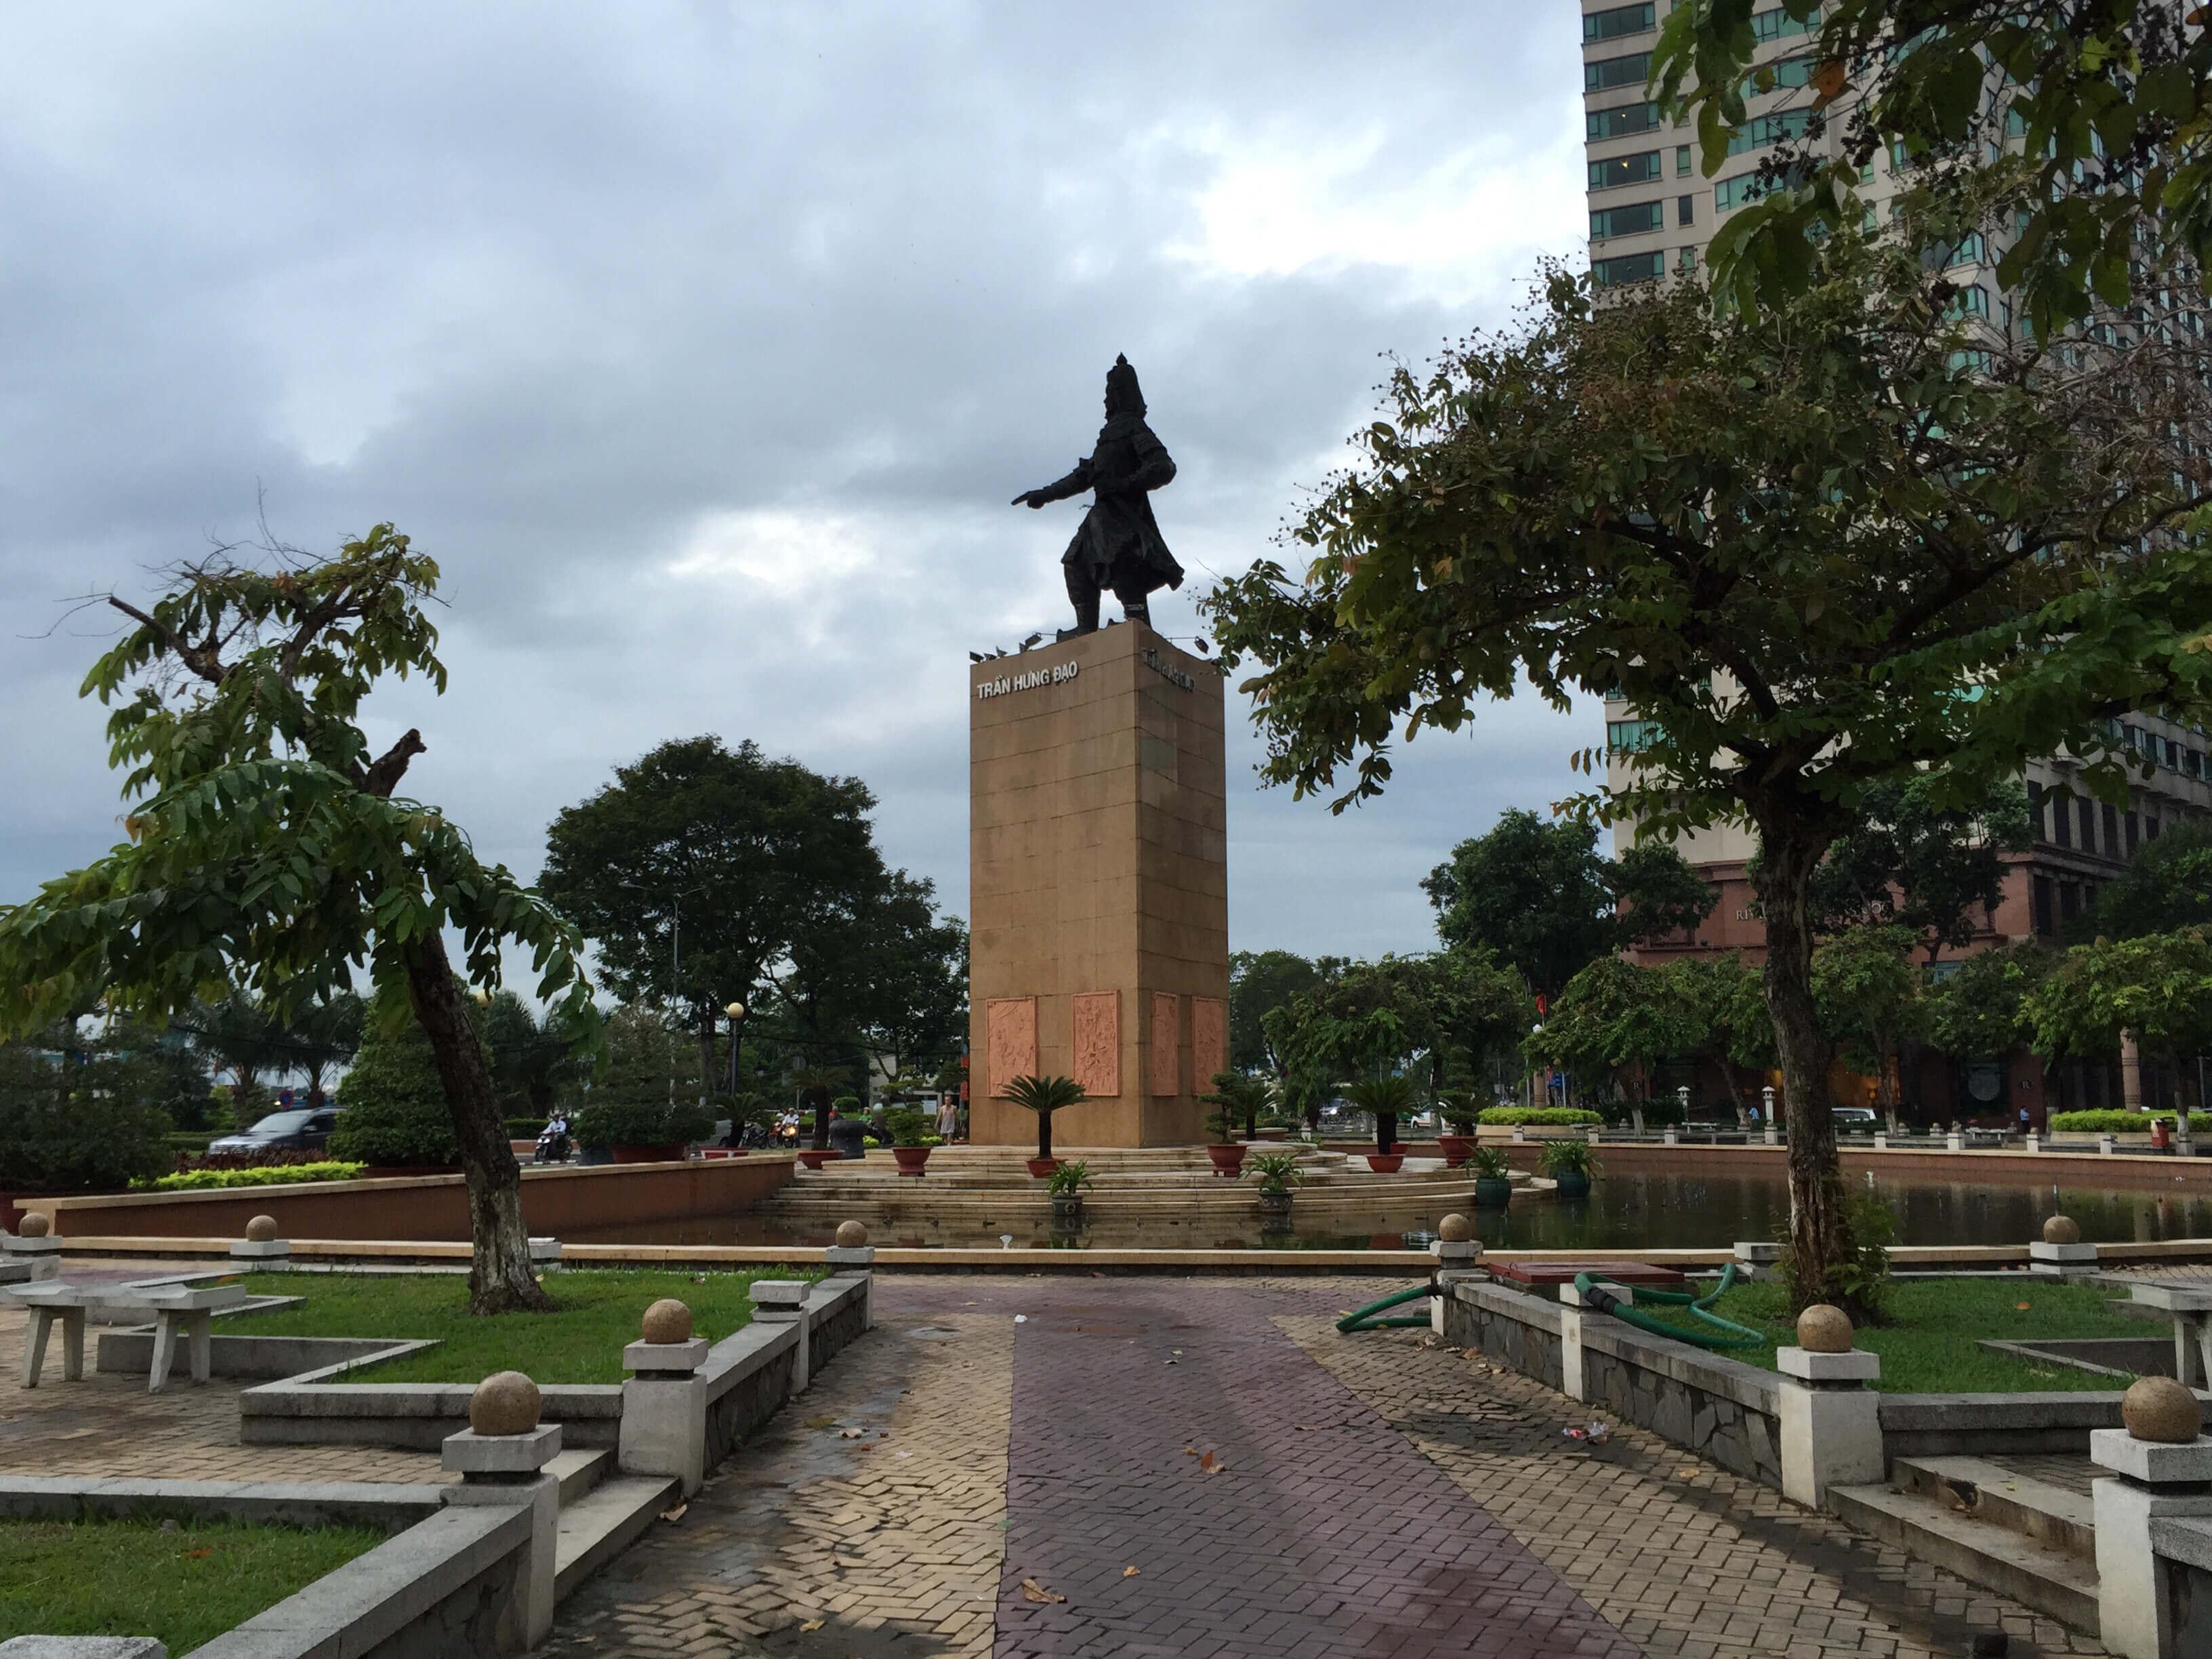 【フォトランニング 】タイバルン通りからサイゴン川へ  英雄チャンフンダオの像を眺めてきた。そして、飯うま